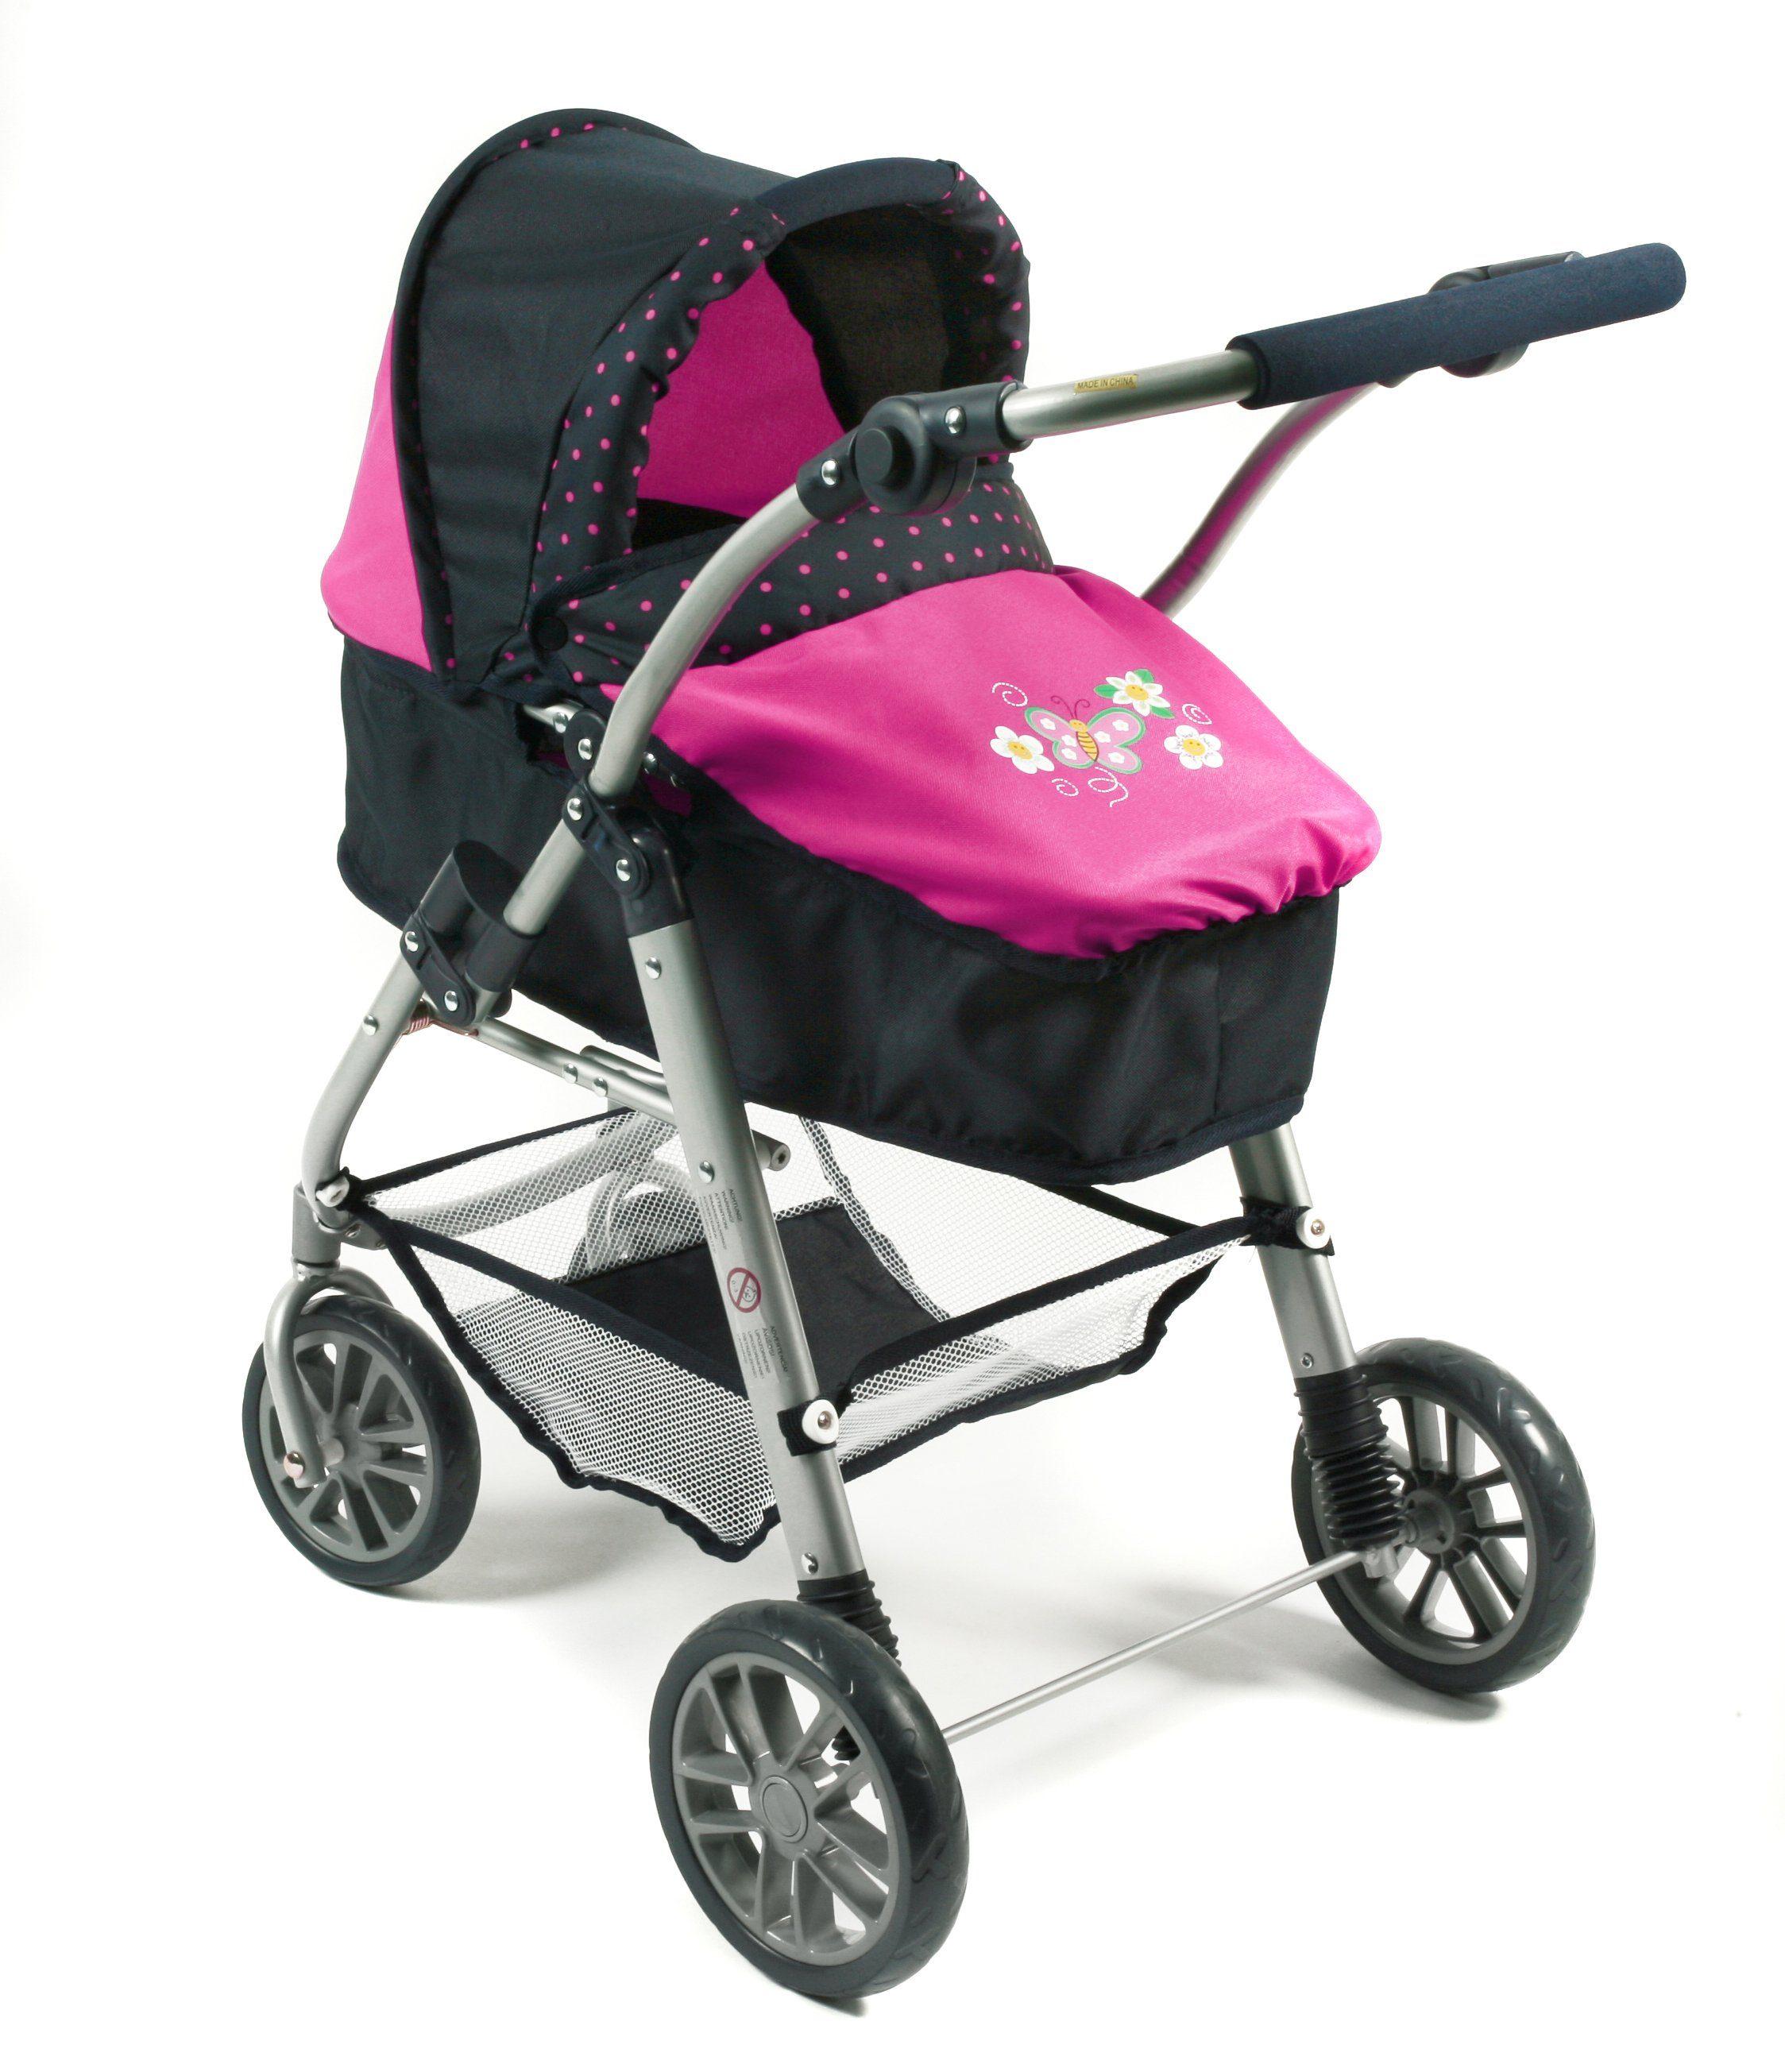 CHIC2000 Kombi Puppenwagen mit drehbarem Babywannen Aufsatz, »EMILIA navy-pink«